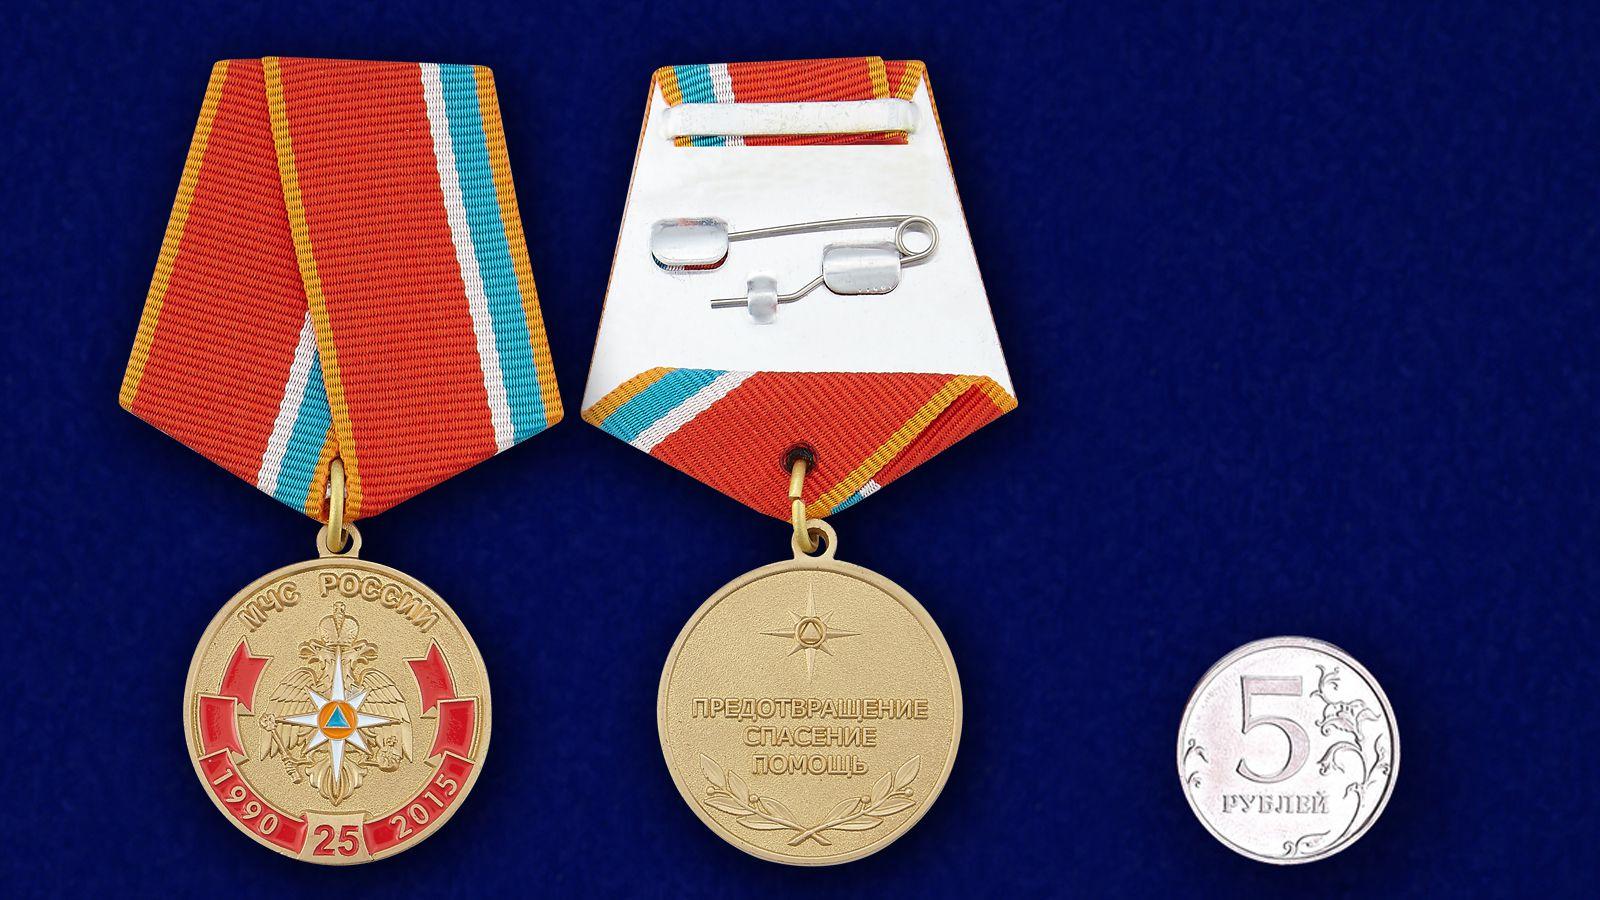 Юбилейная медаль МЧС России 25 лет - сравнительный размер